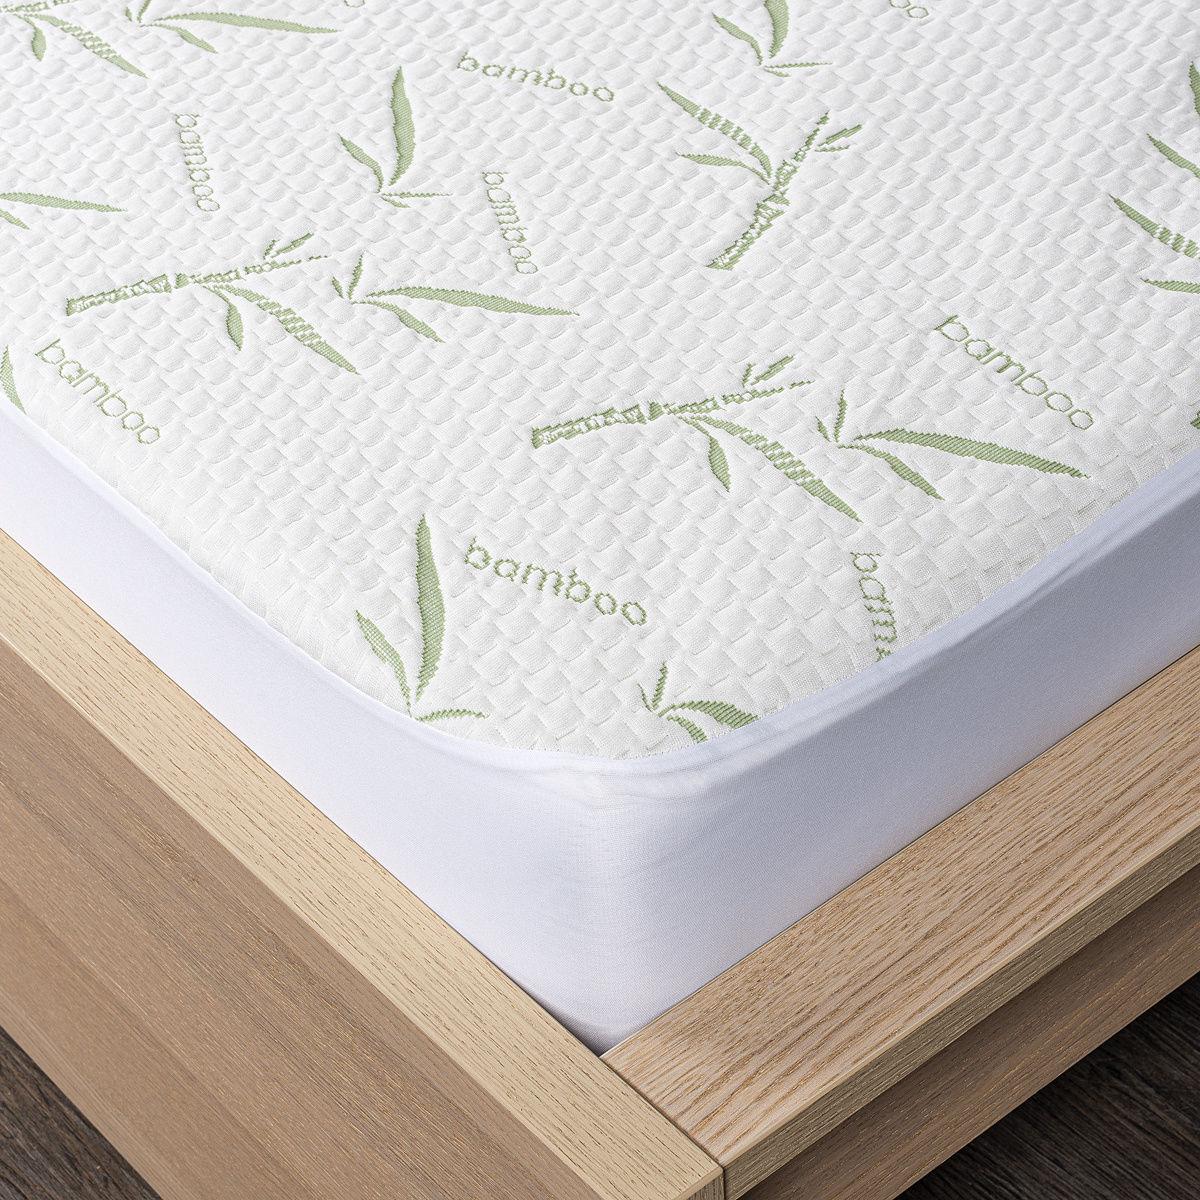 4Home Bamboo Ochraniacz na materac z lamówką, 200 x 200 cm + 30 cm, 200 x 200 cm